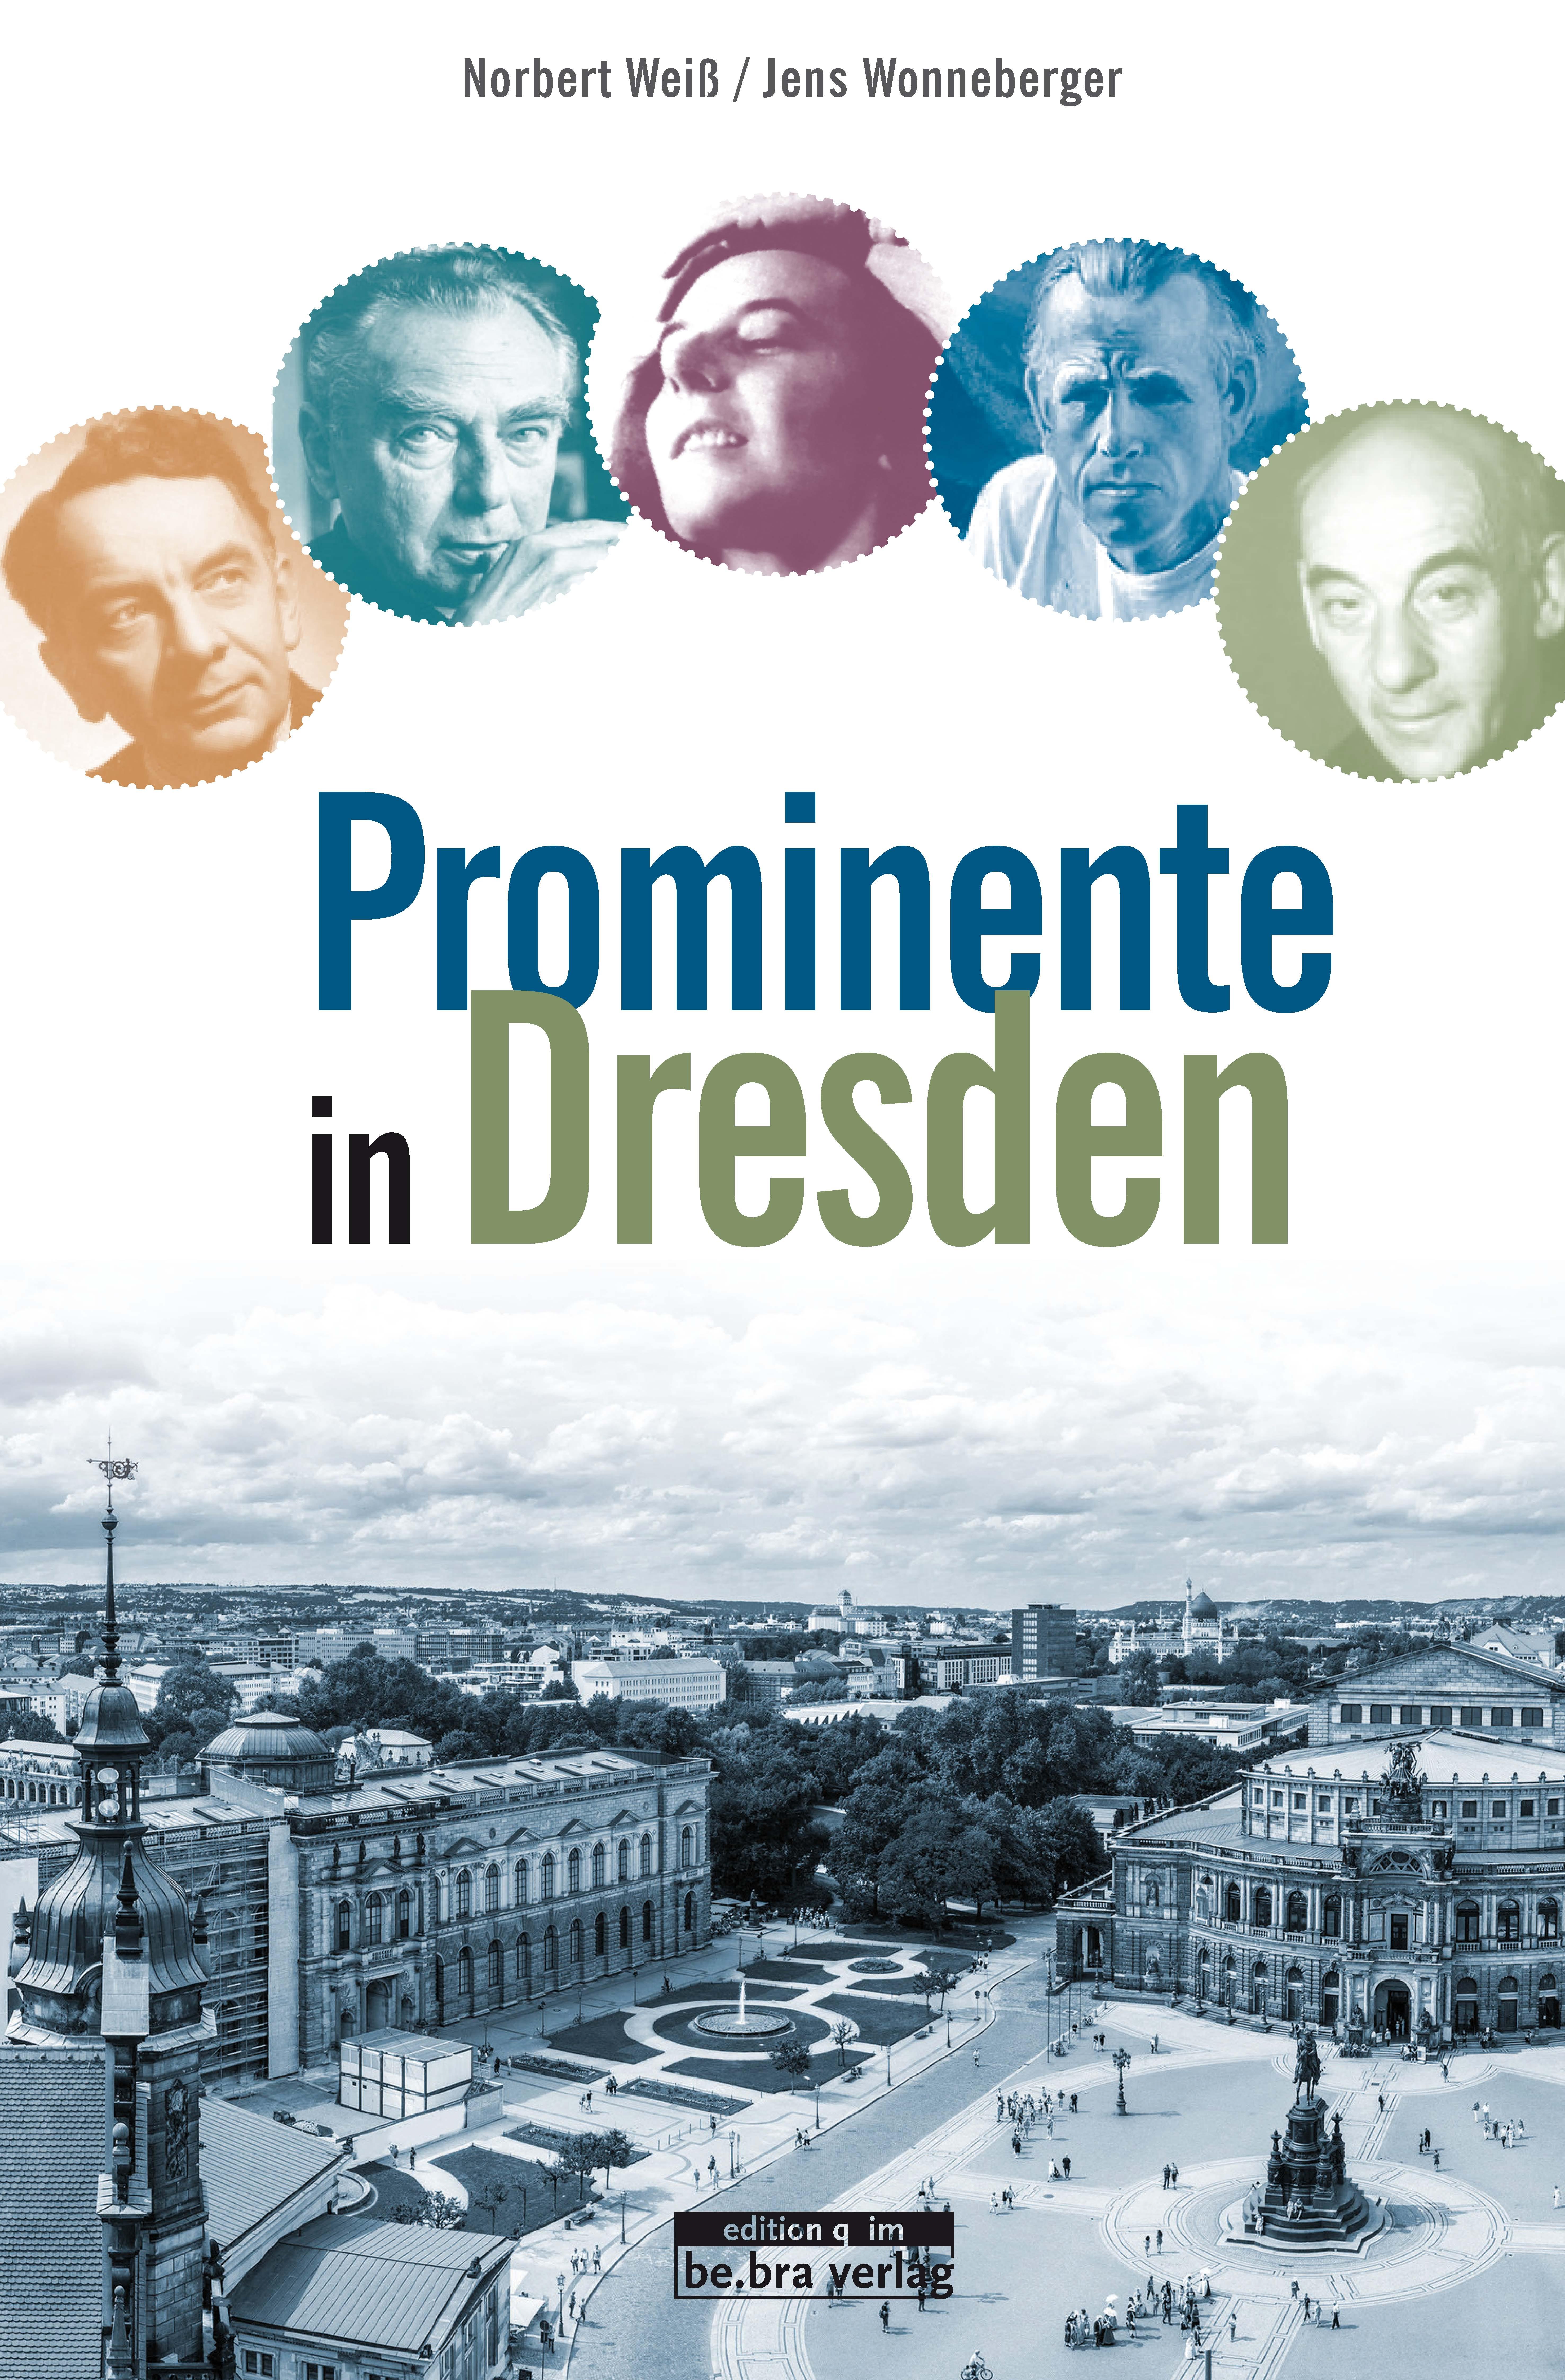 Prominente-in-Dresden-und-ihre-Geschichten-Norbert-Weiss